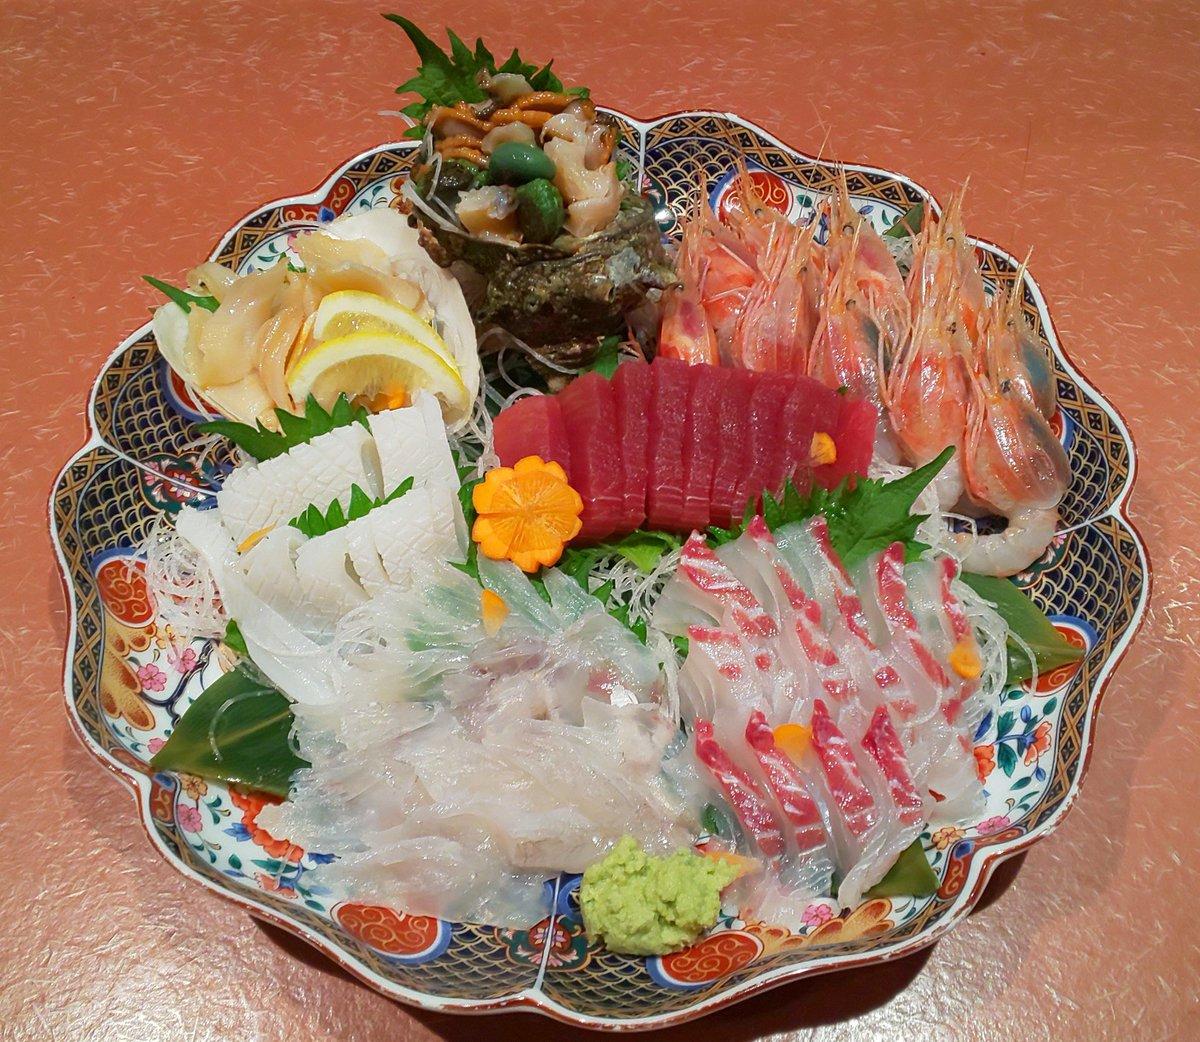 おはようござます  今日は #母の日  テイクアウトでお祝いしては どうでしょう?  刺し身盛り合わせ 筍ご飯 ふぐの唐揚げ 煮魚各種 等々 メニュー盛り沢山です  2日ぶりにゆっくり寝たので 本日は絶好調です( ゚ー゚)v  店頭マーケットも開催中です  #豊橋テイクアウト #お弁当 #海鮮 #お魚pic.twitter.com/JiF4z3MTRr